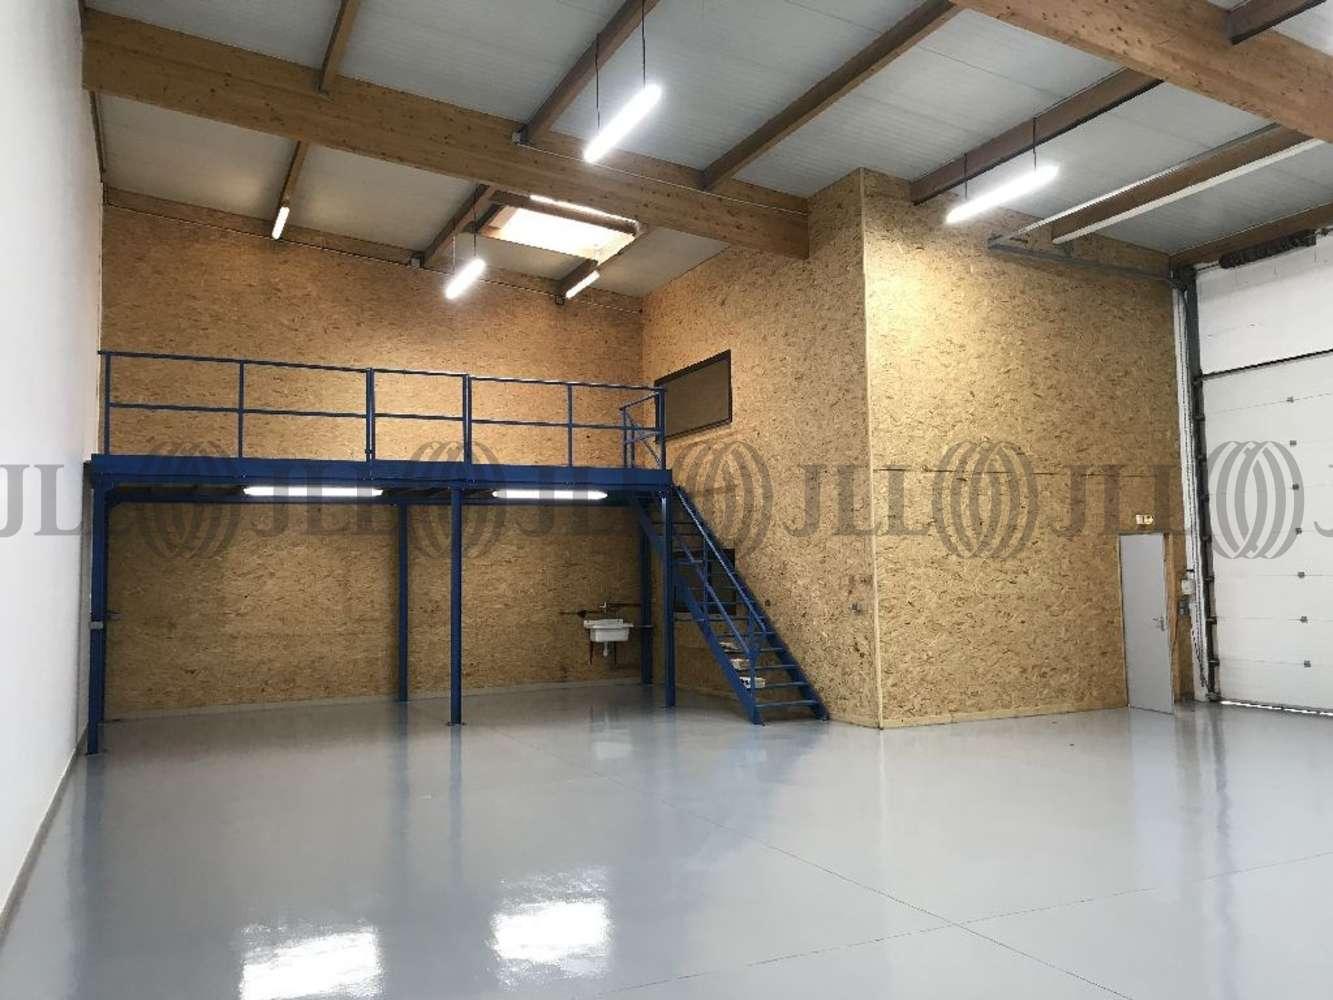 Activités/entrepôt Toussieu, 69780 - LOCAUX D'ACTIVITÉ À LOUER - TOUSSIEU - 10056207